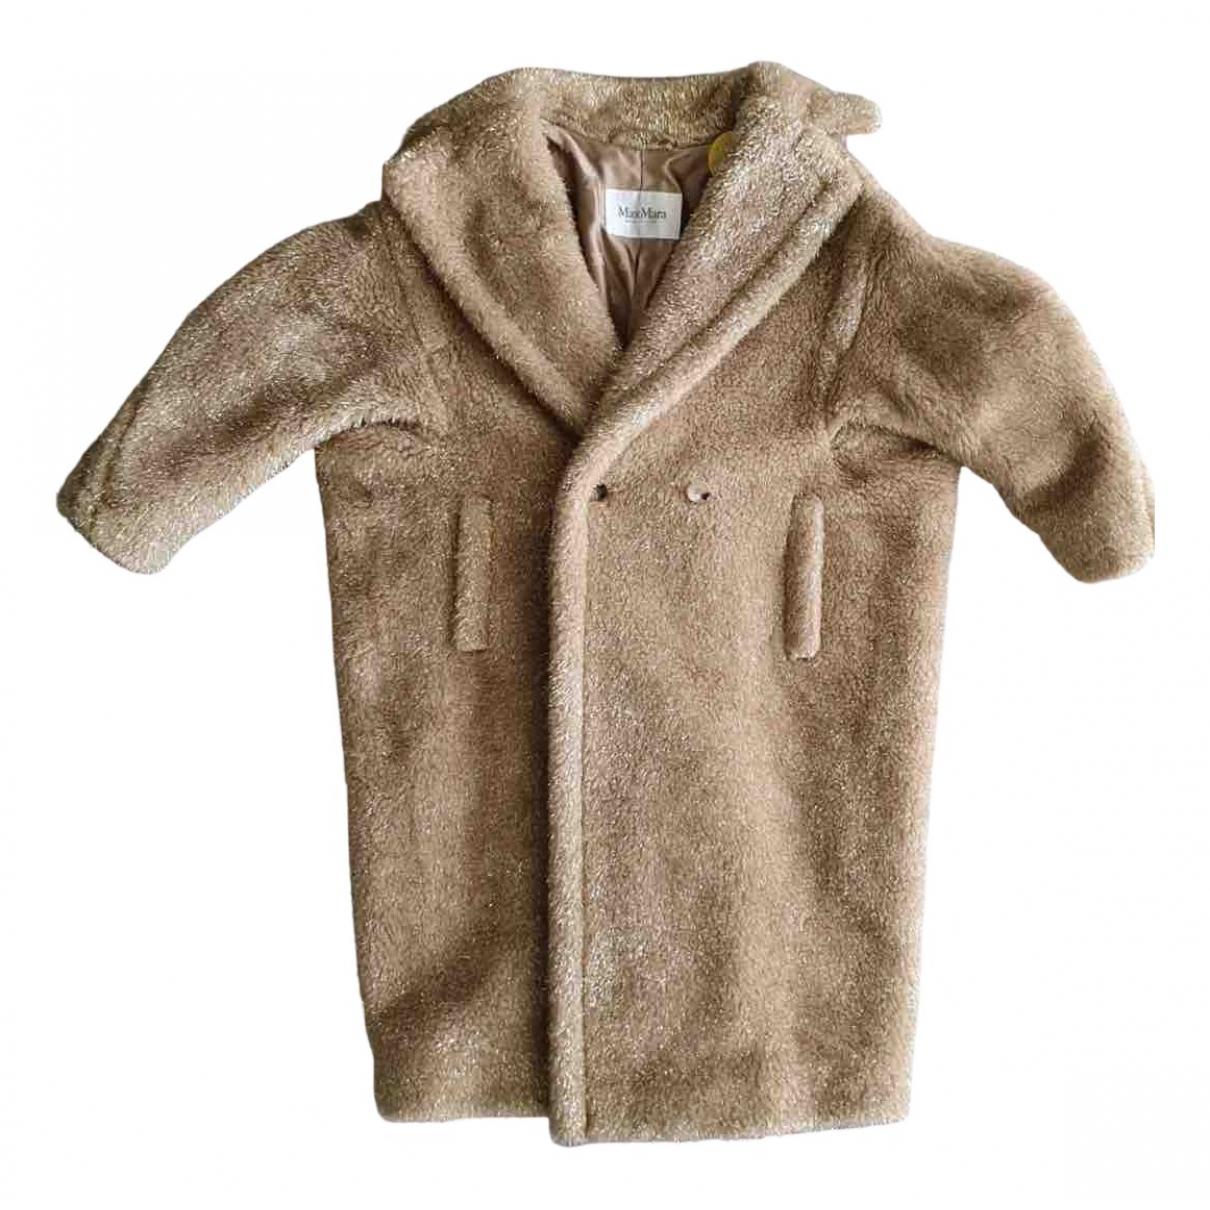 Max Mara - Manteau Teddy Bear Icon pour femme en laine - beige